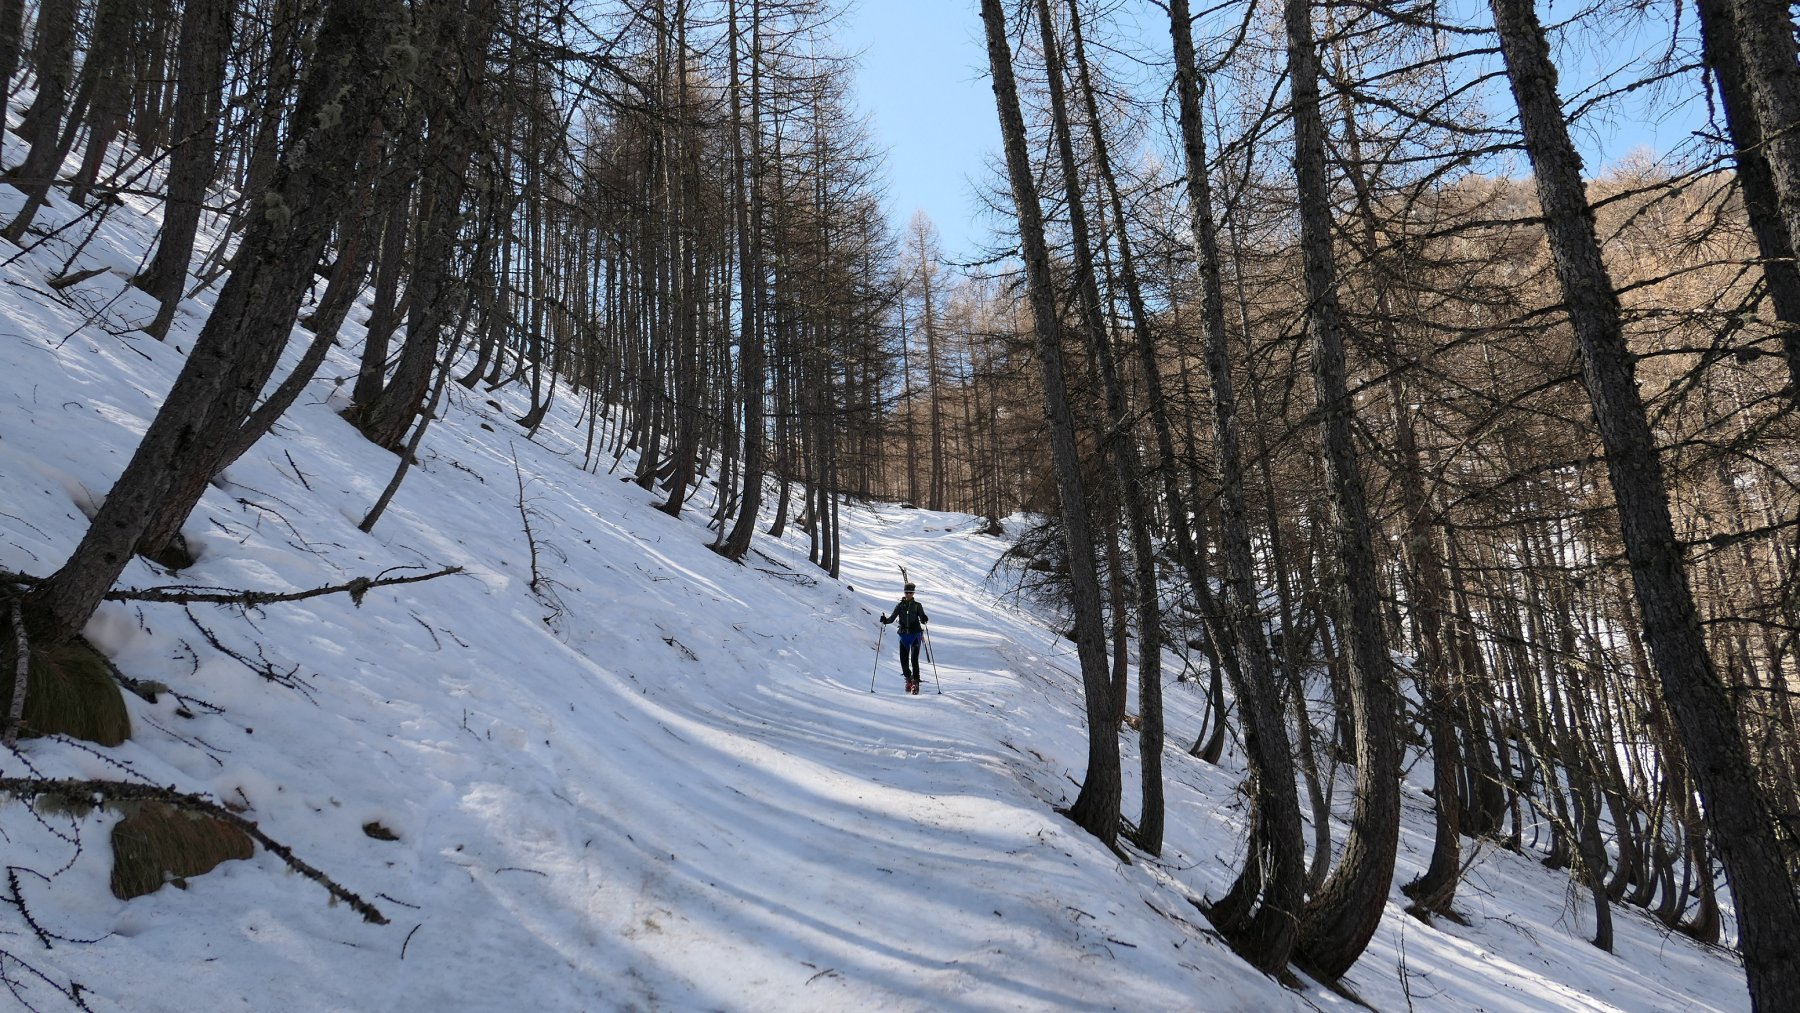 ramponi sul sentiero ghiacciato